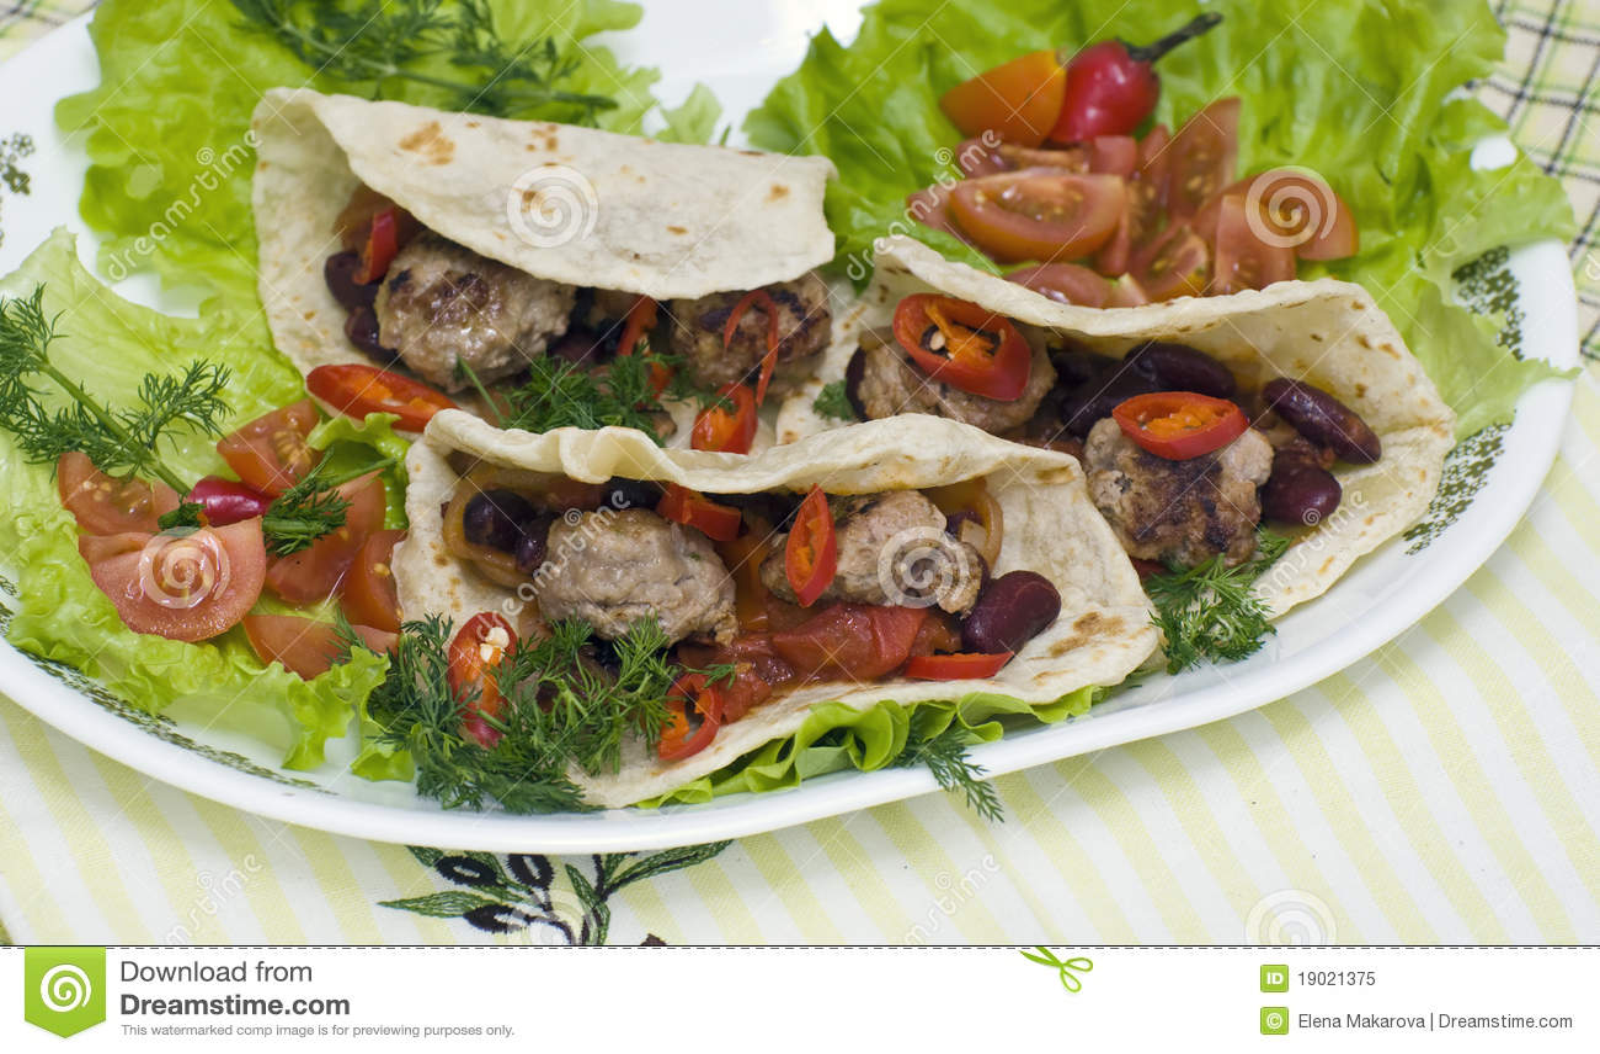 Tacos mexicano